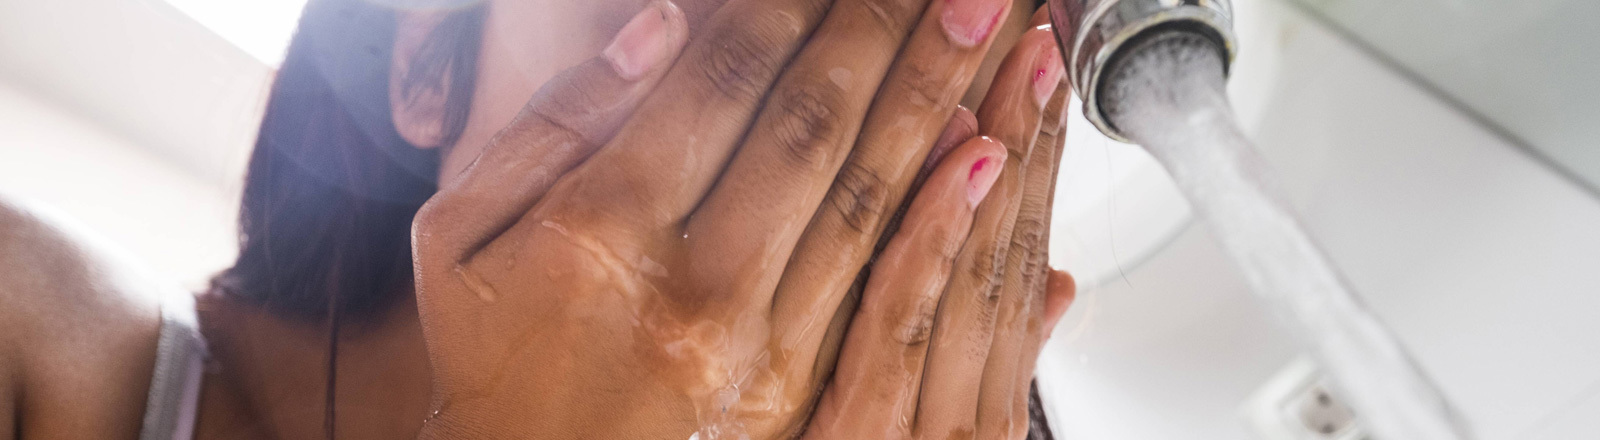 Eine Frau wäscht sich das Gesicht.